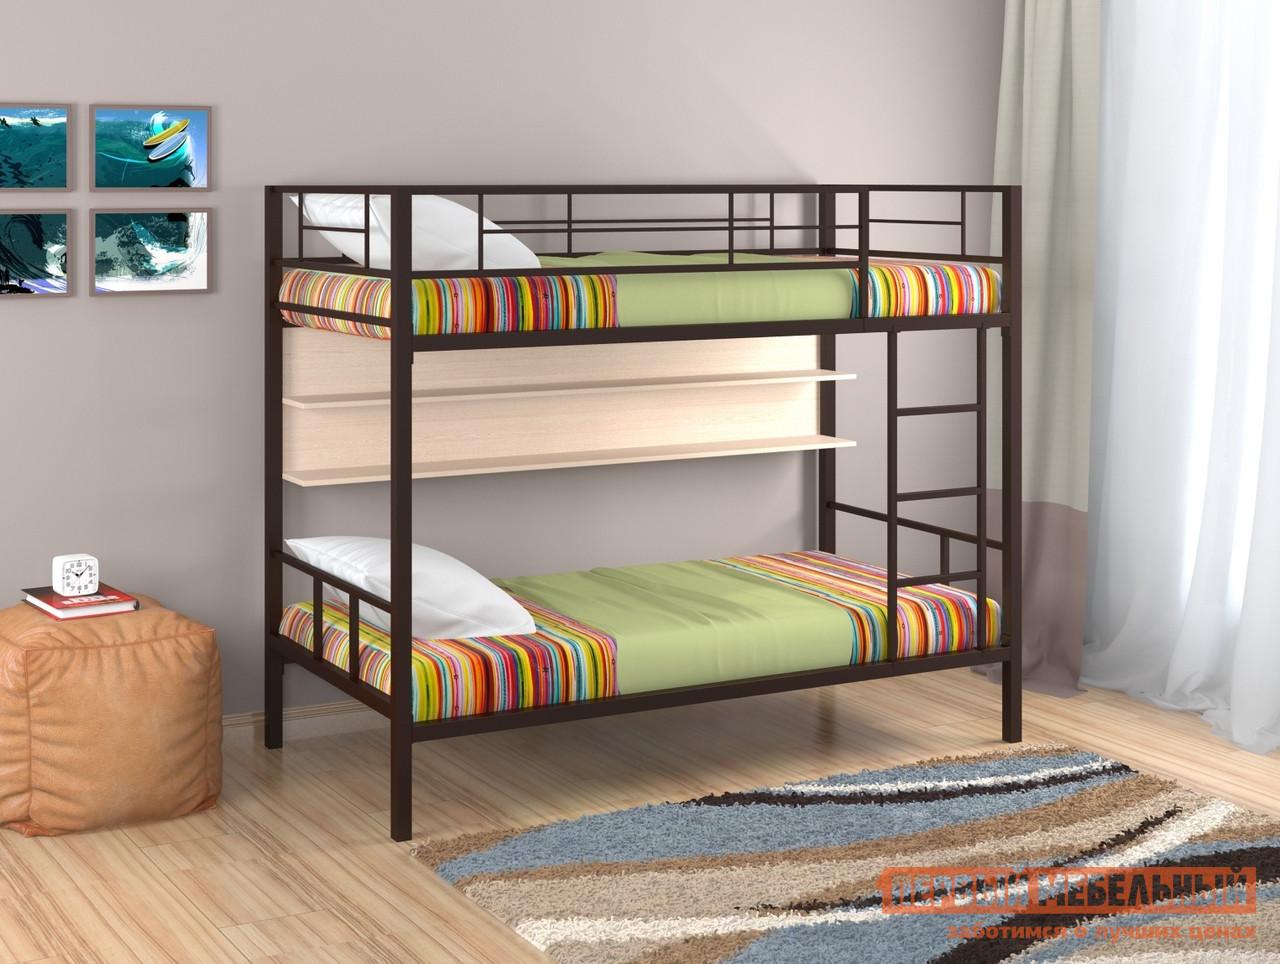 Кровать Redford Севилья-2 с полкой Коричневый / Молочный дуб